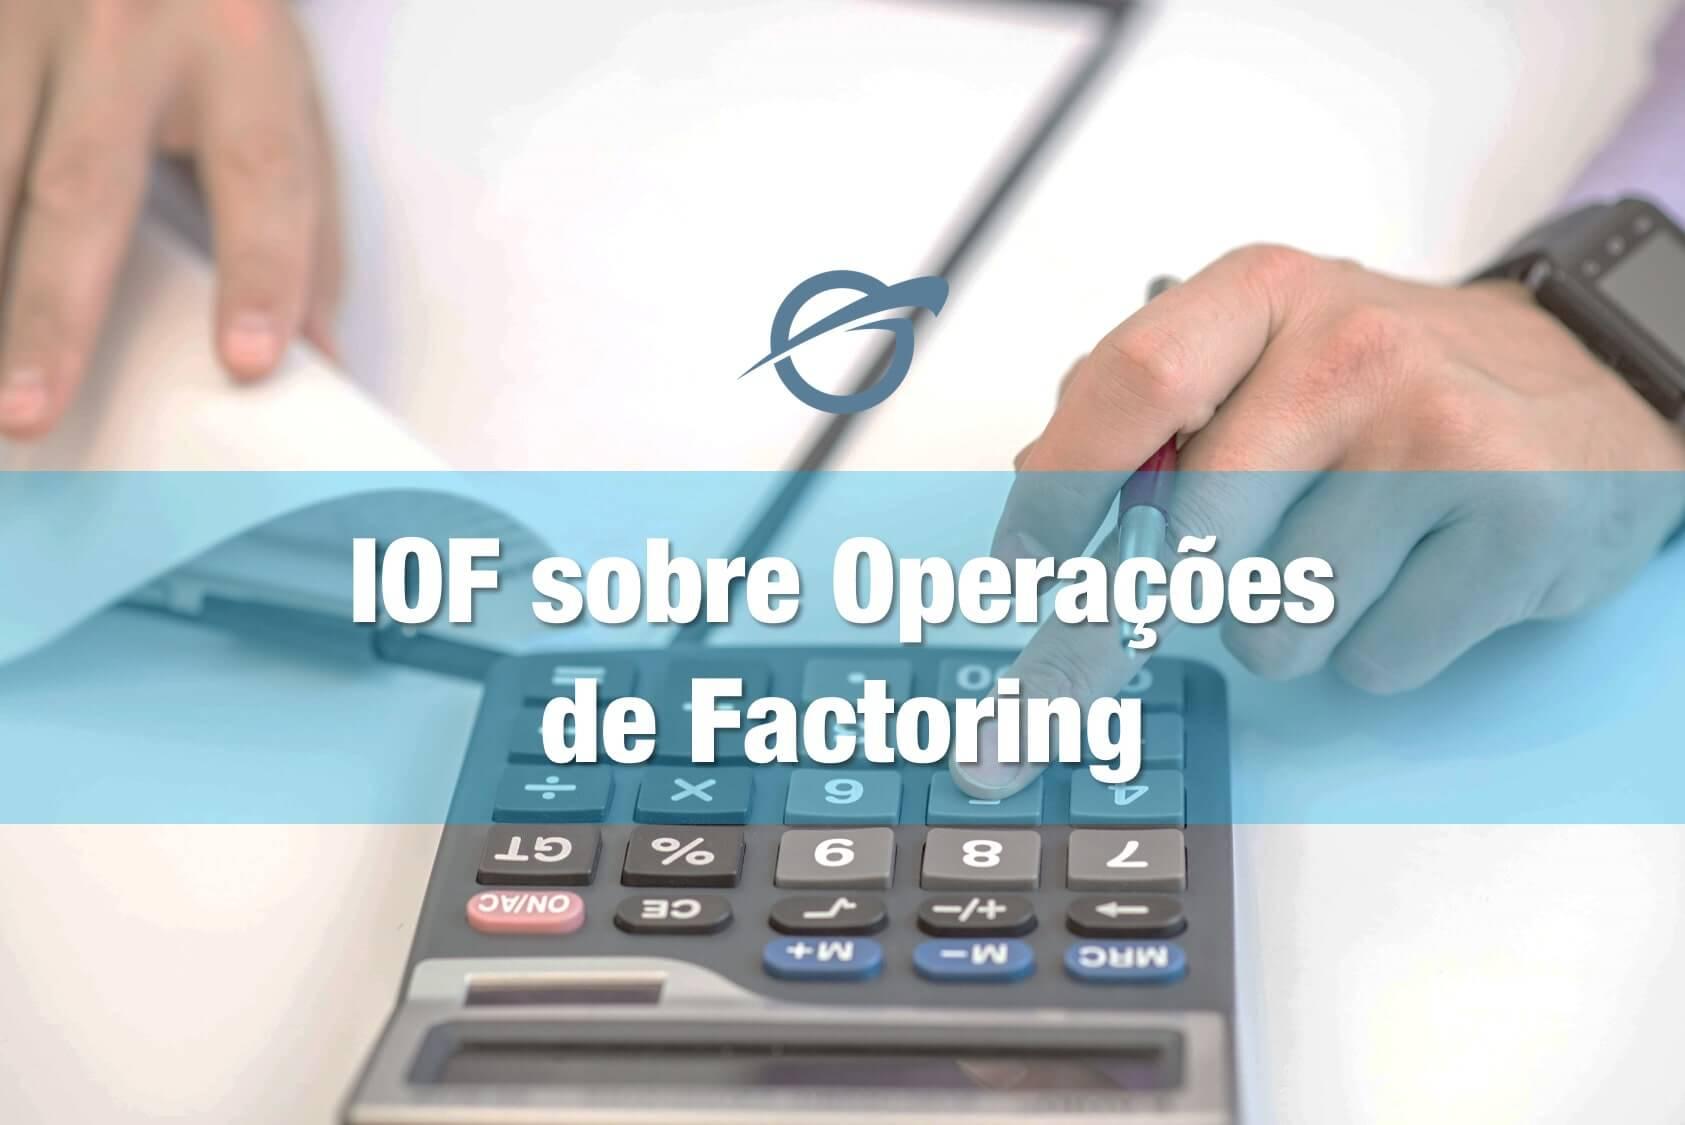 IOF-sobre-Operações-de-Factoring